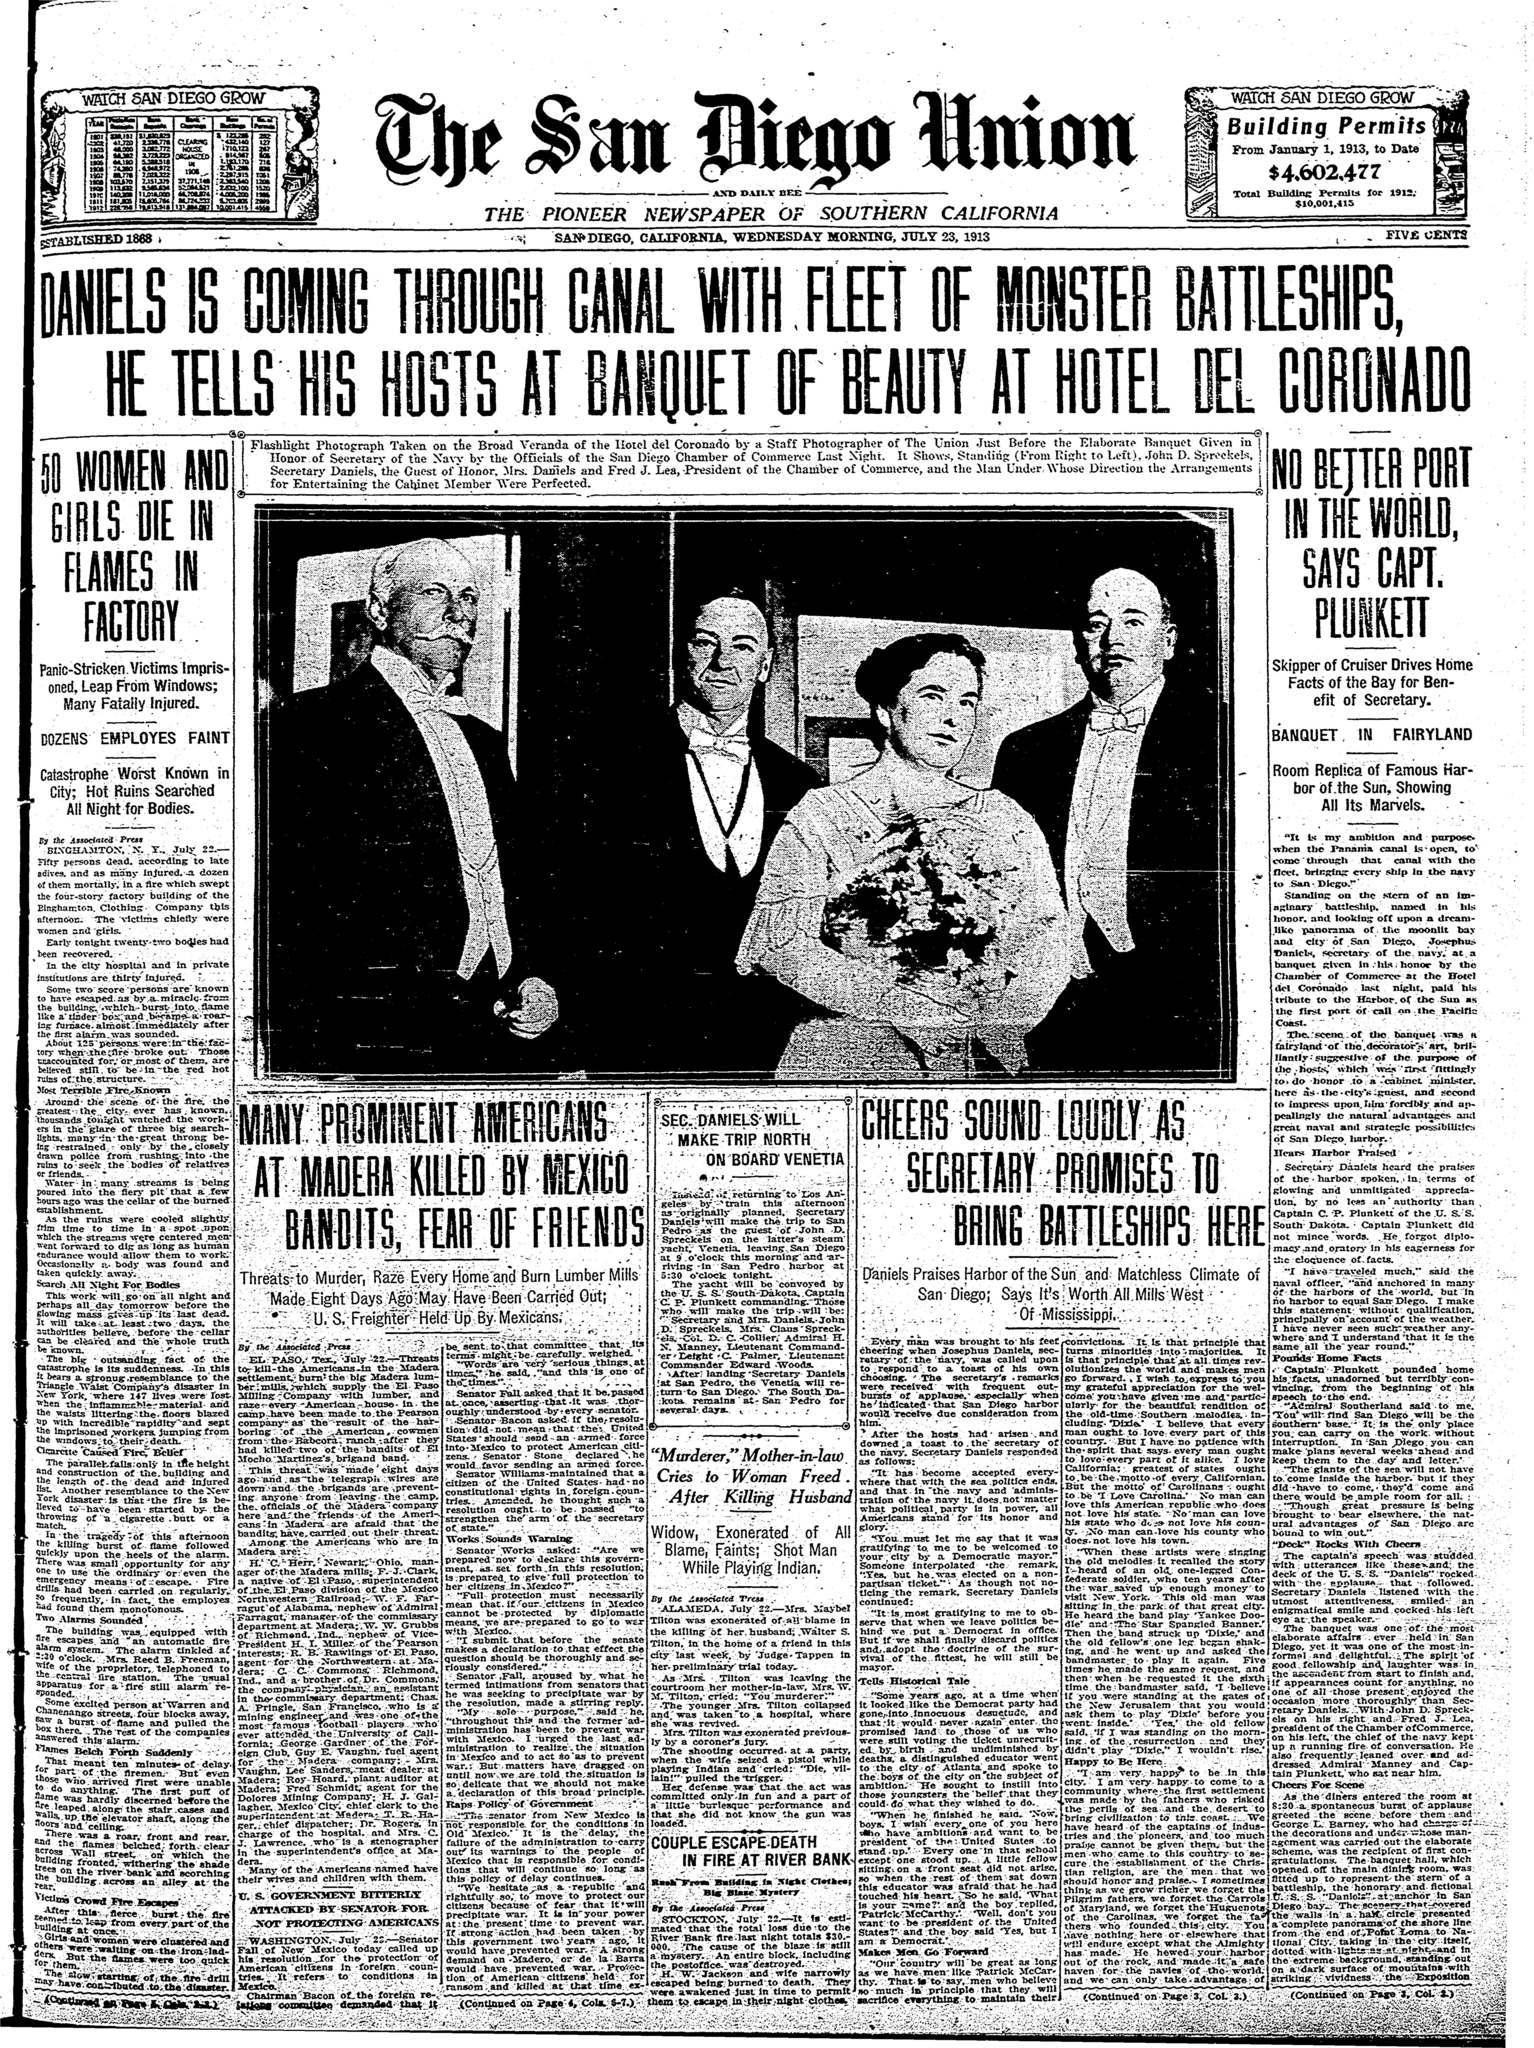 July 23, 1913